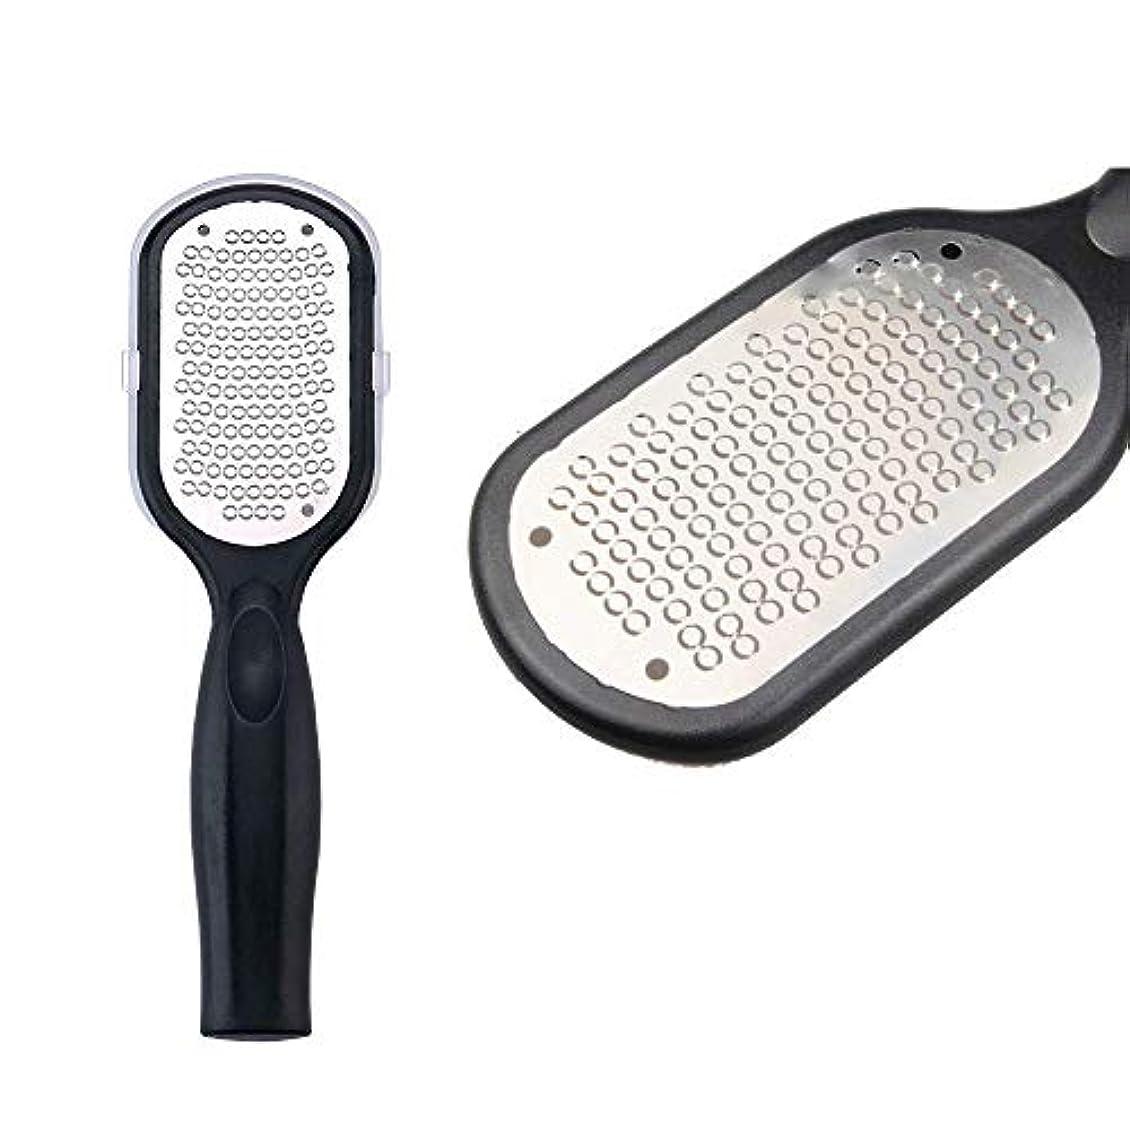 軽石 かかと 角質取り かかと削り器 お風呂 防水 水洗いOK 衛生的な 角質 リムーバー 削り ケア 除去